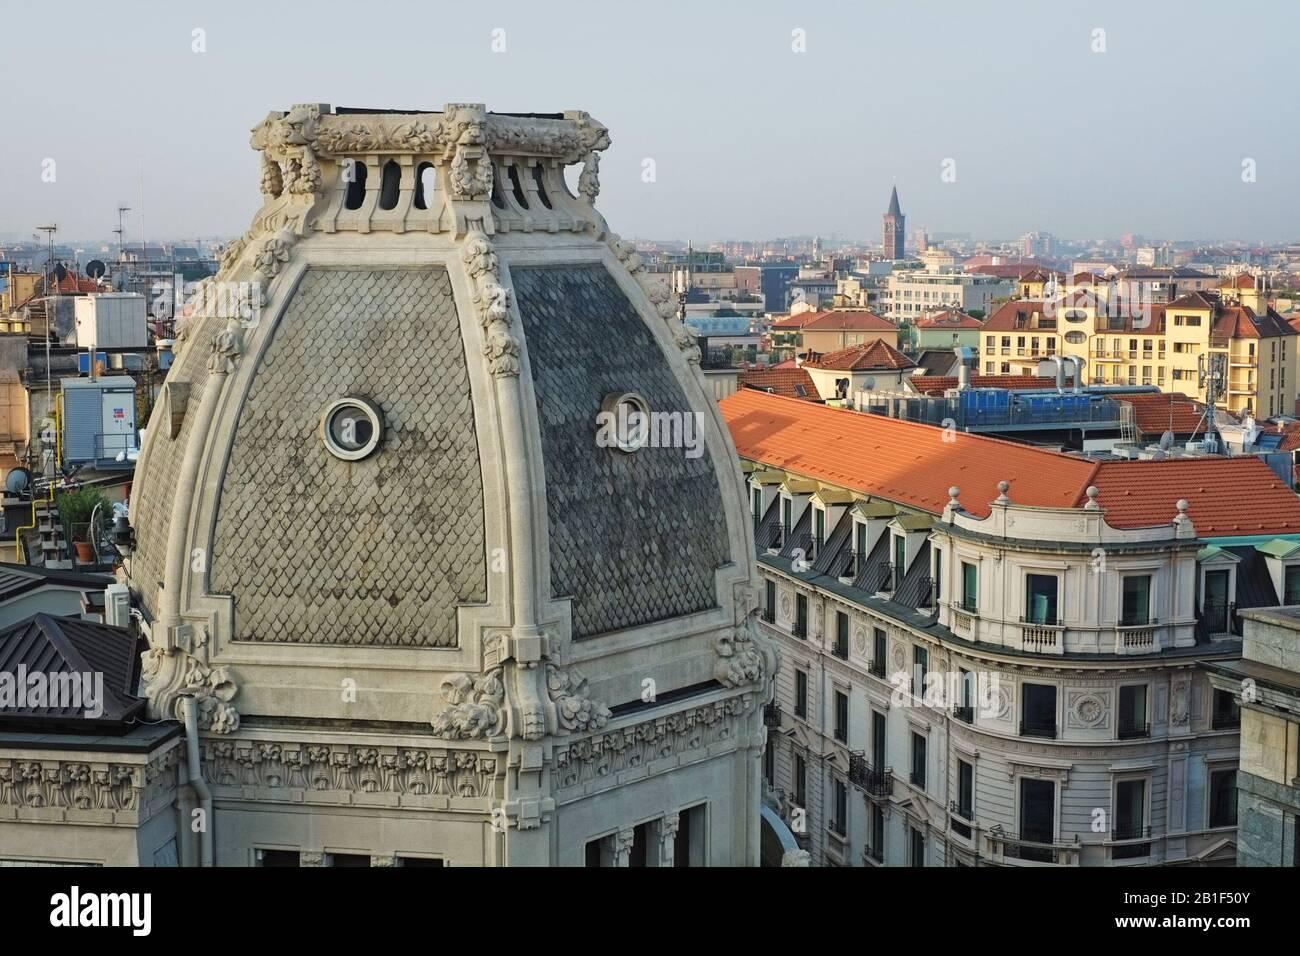 Una vista cercana de la cúpula de techo balaustrada del Palazzo Meroni - leones y guirnaldas florales, ventanas de óculos y la ciudad de Milán en el fondo Foto de stock